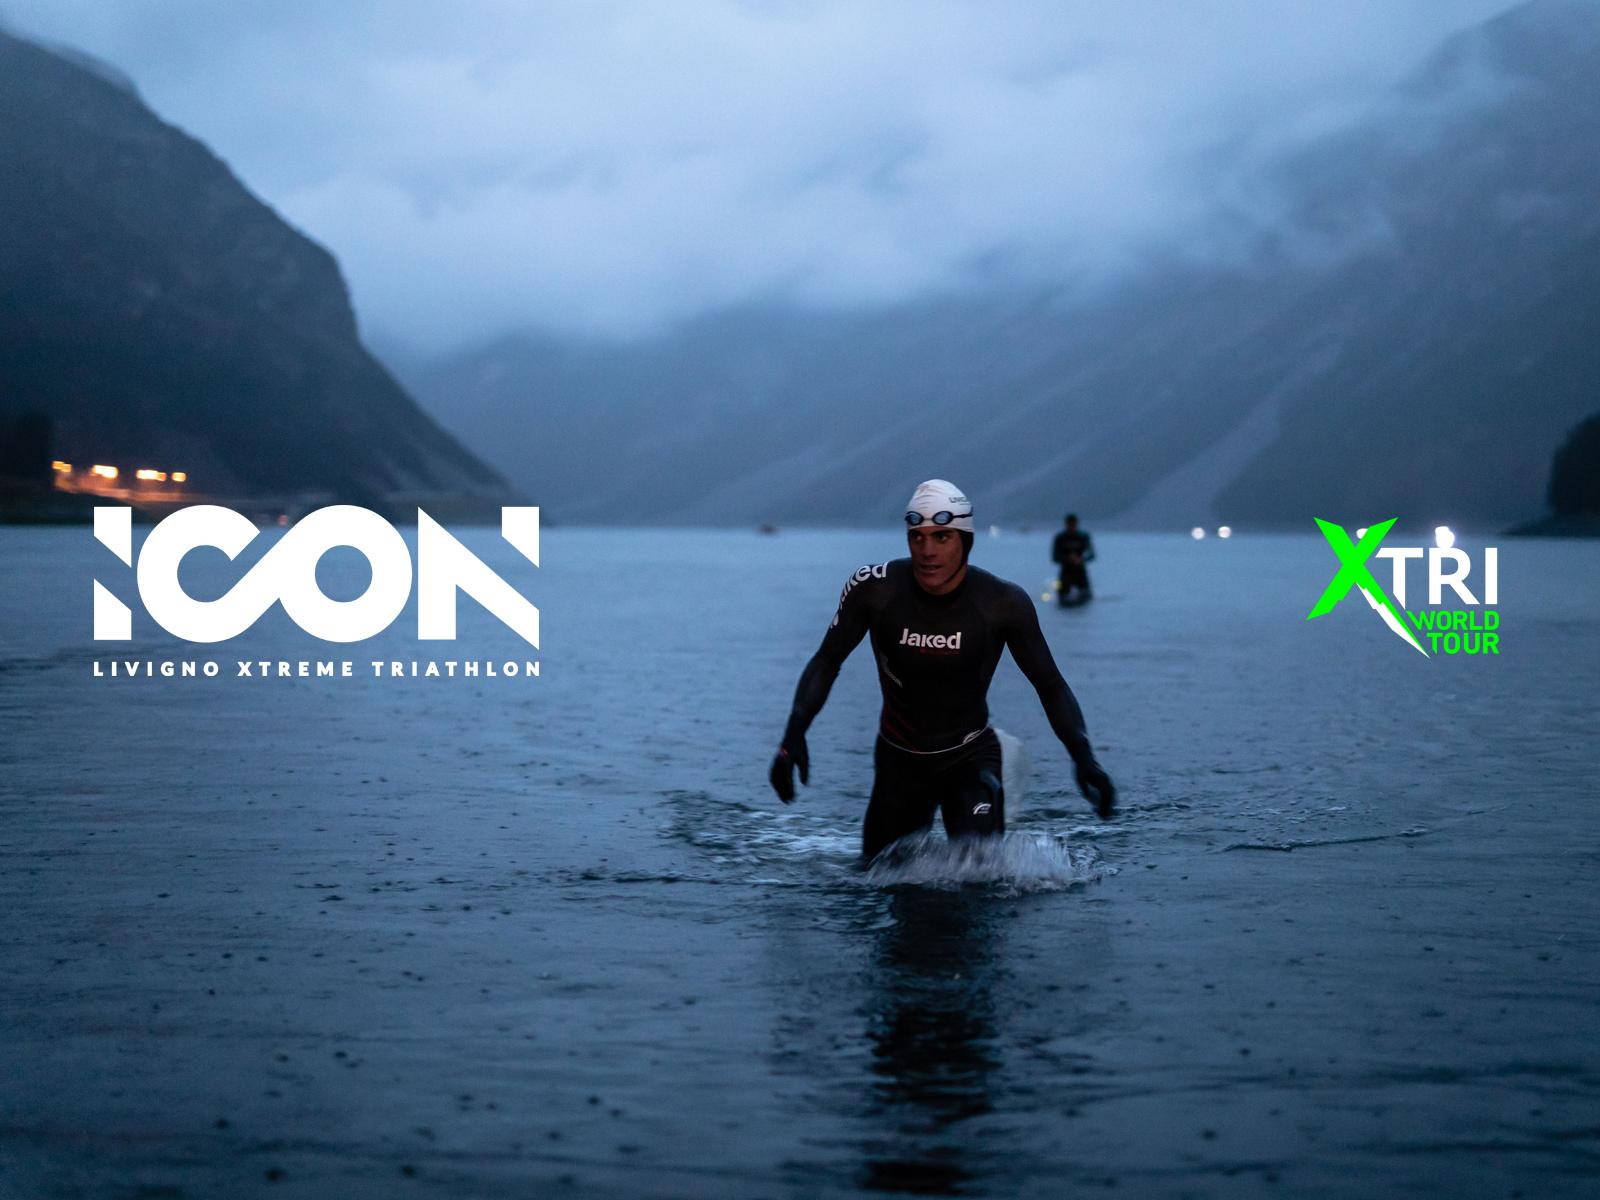 ICON \u002D Livigno Xtreme Triathlon - cover image